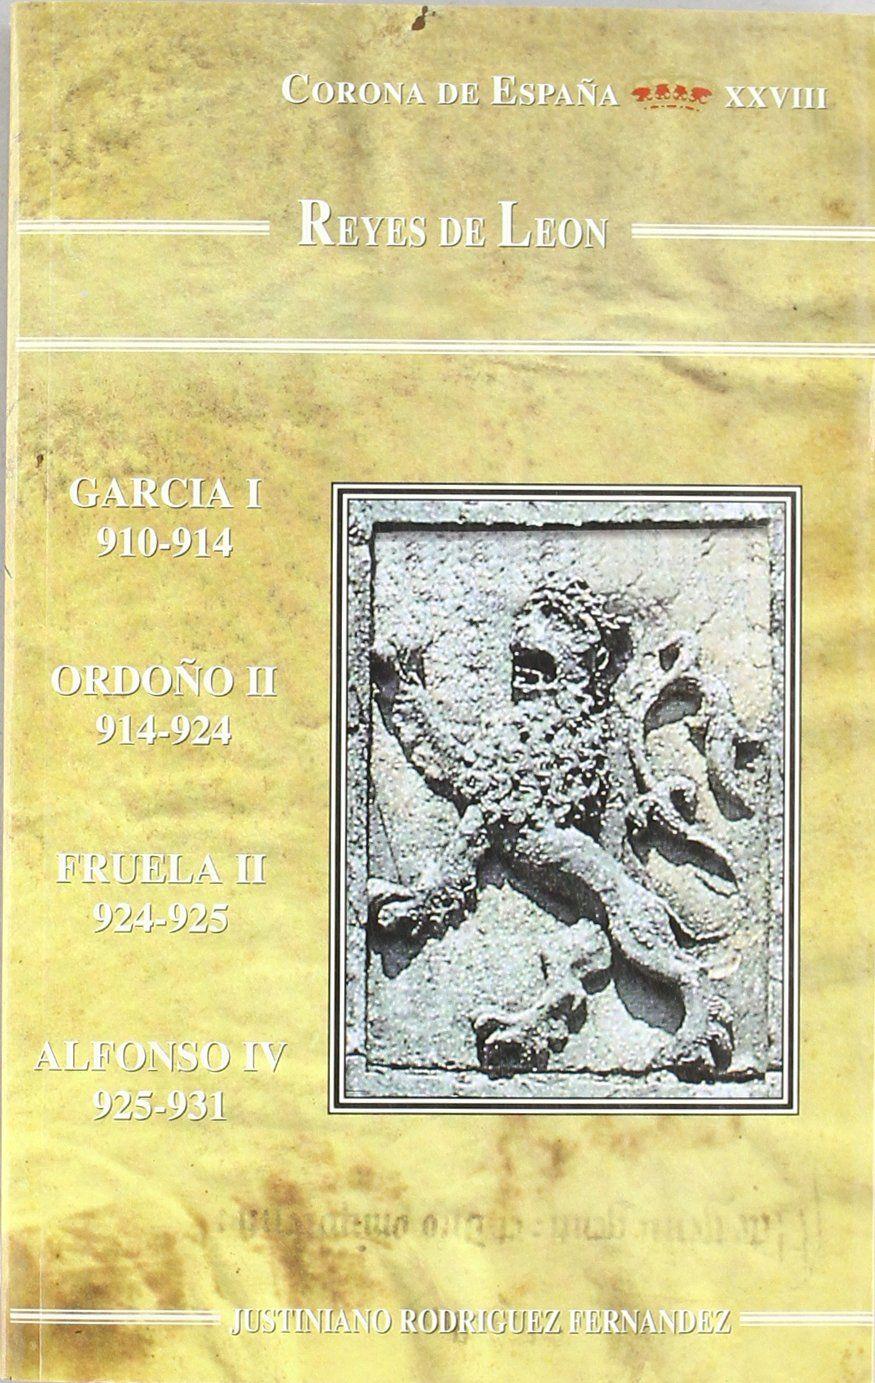 Reyes de León : García, Ordoño II, Fruela I, Alfonso IV Book Cover